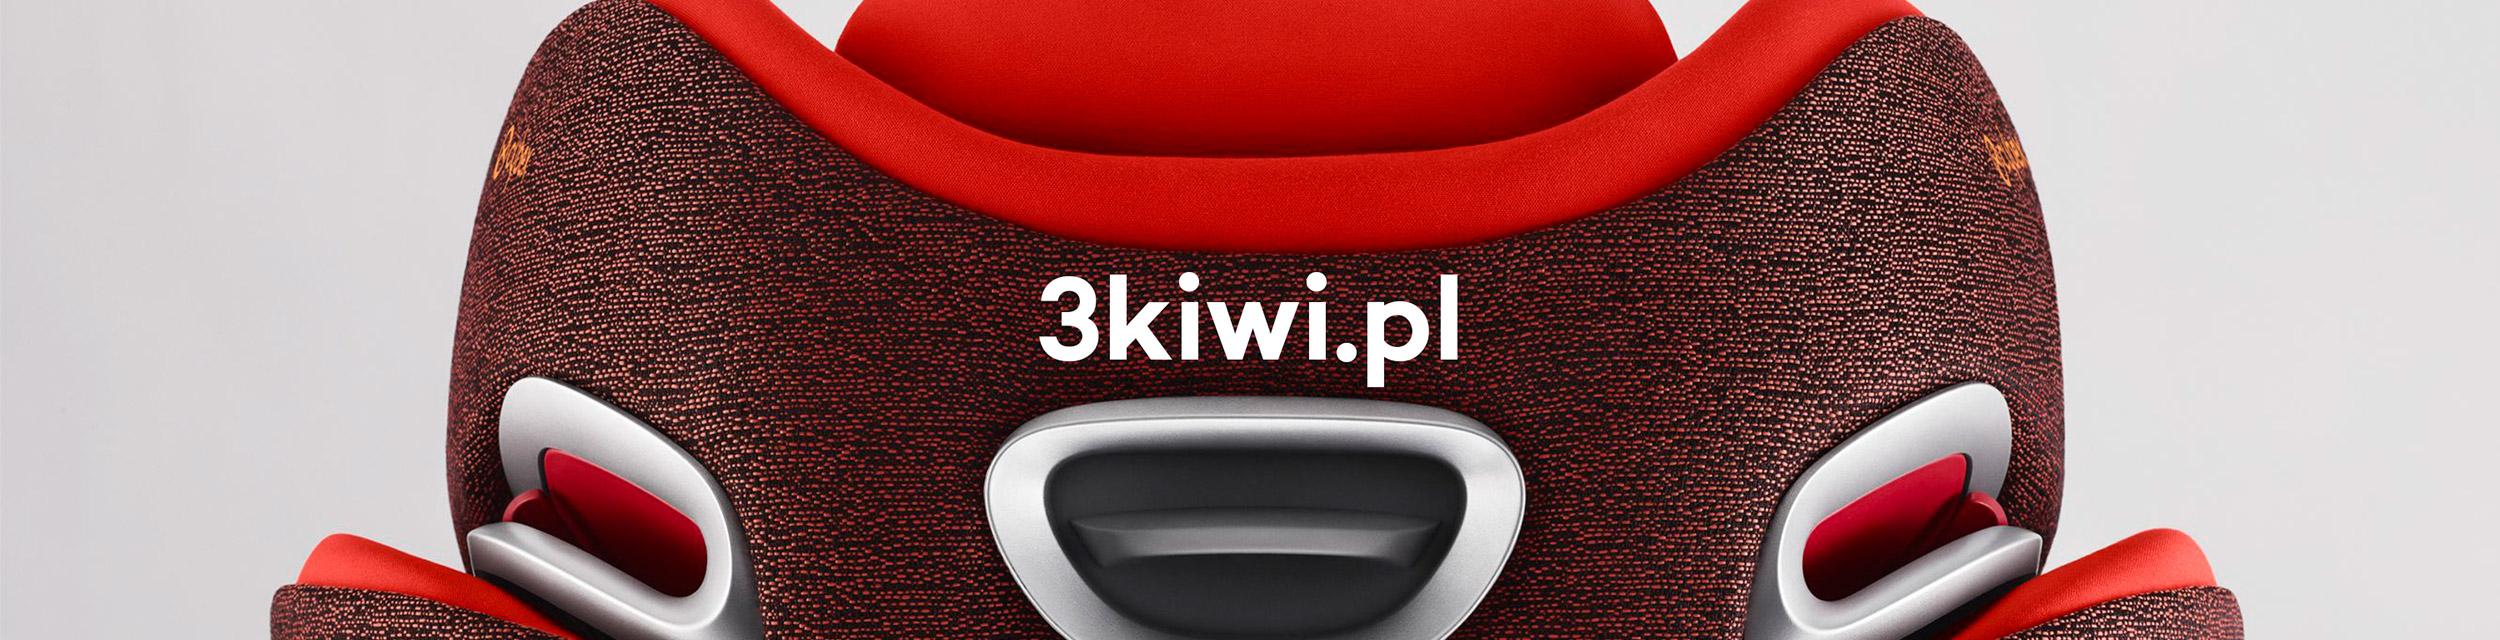 Fotelik Samochodowy 15-36 kg Cybex Najlepszy najbezpieczniejszy fotelik Solution Z-Fix Opinie sklep dziecięcy Wrocław 3kiwi baby Popowicka